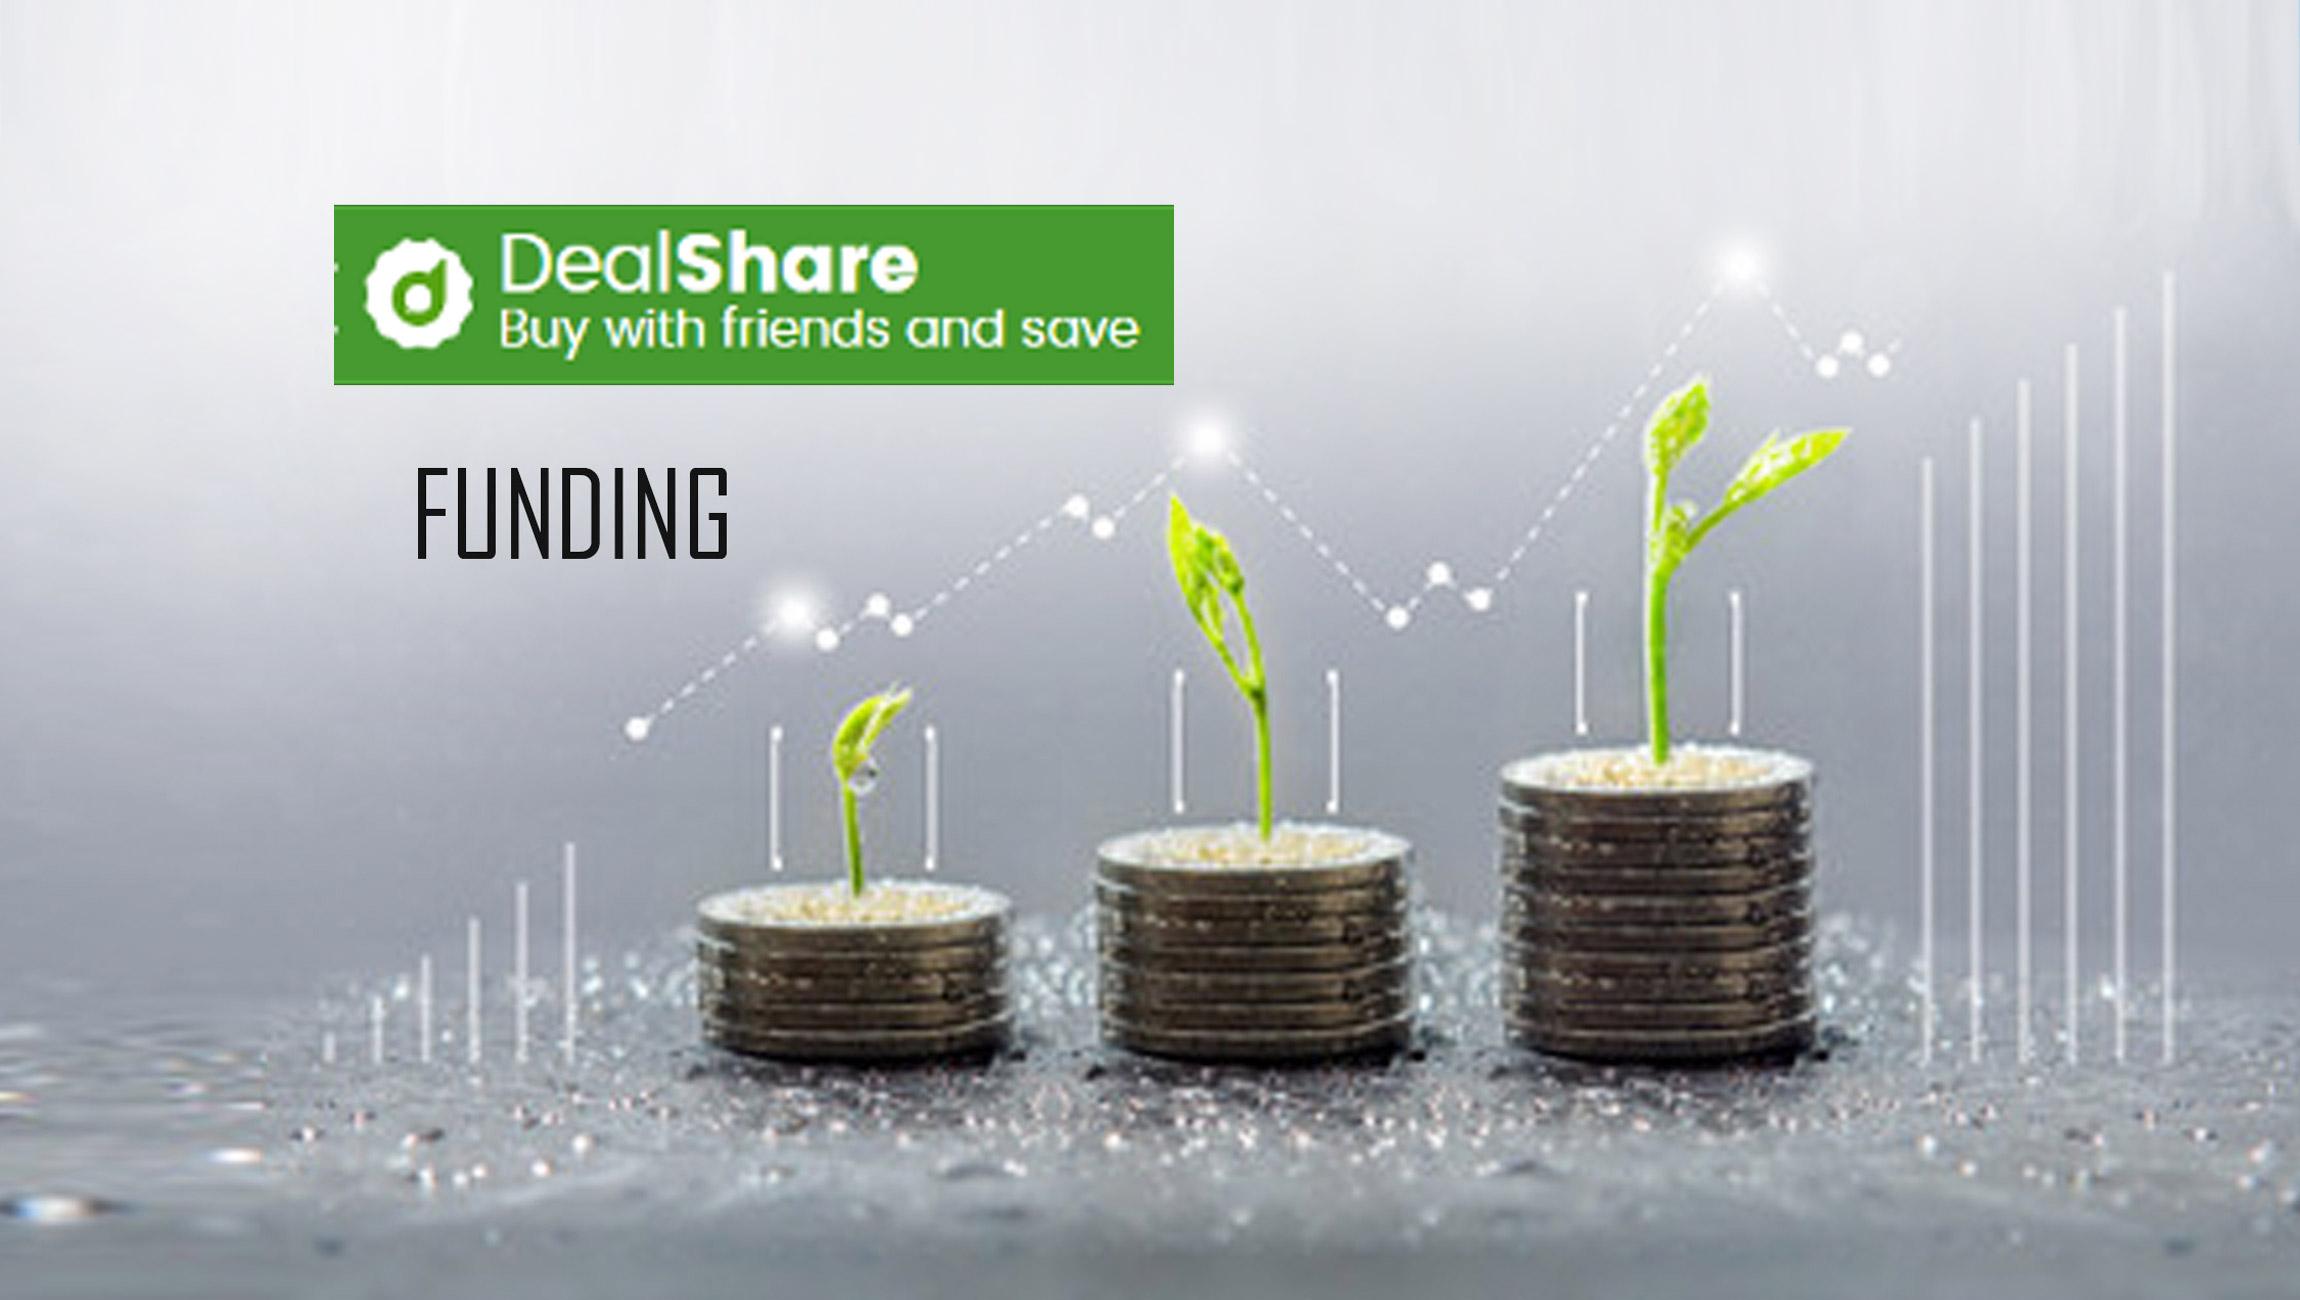 DealShare Raises $ 144 Million in Fresh Round of Funding